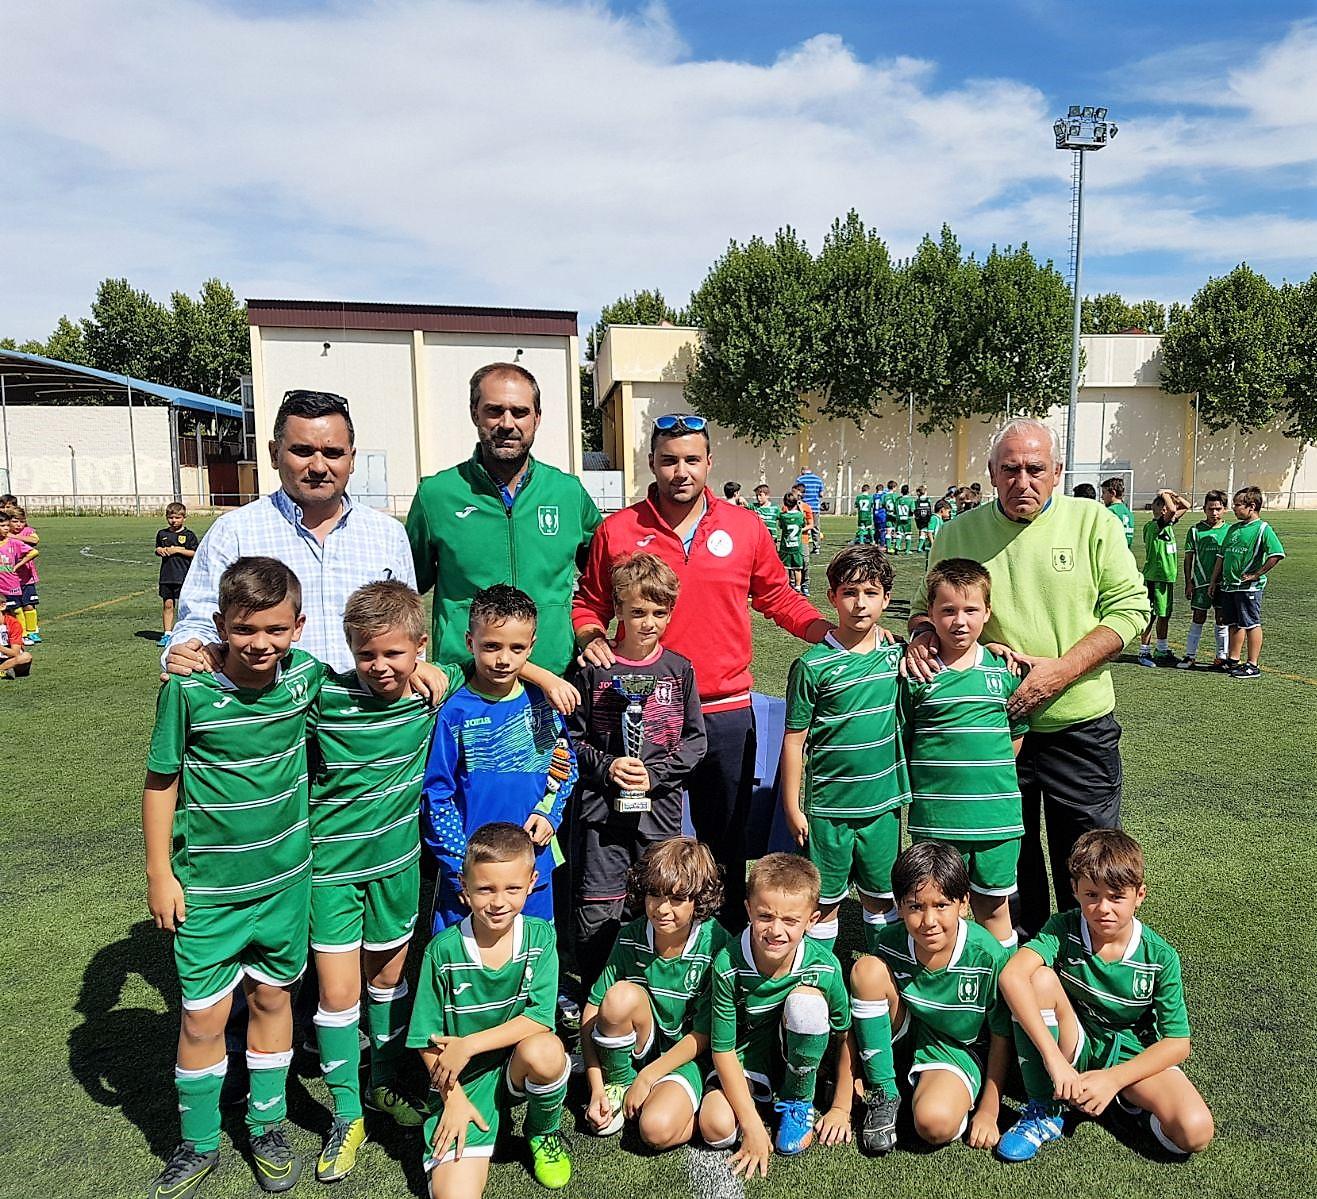 Celebración del Torneo Fútbol 7 en las categorías prebenjamín y benjamín Fiestas 2017